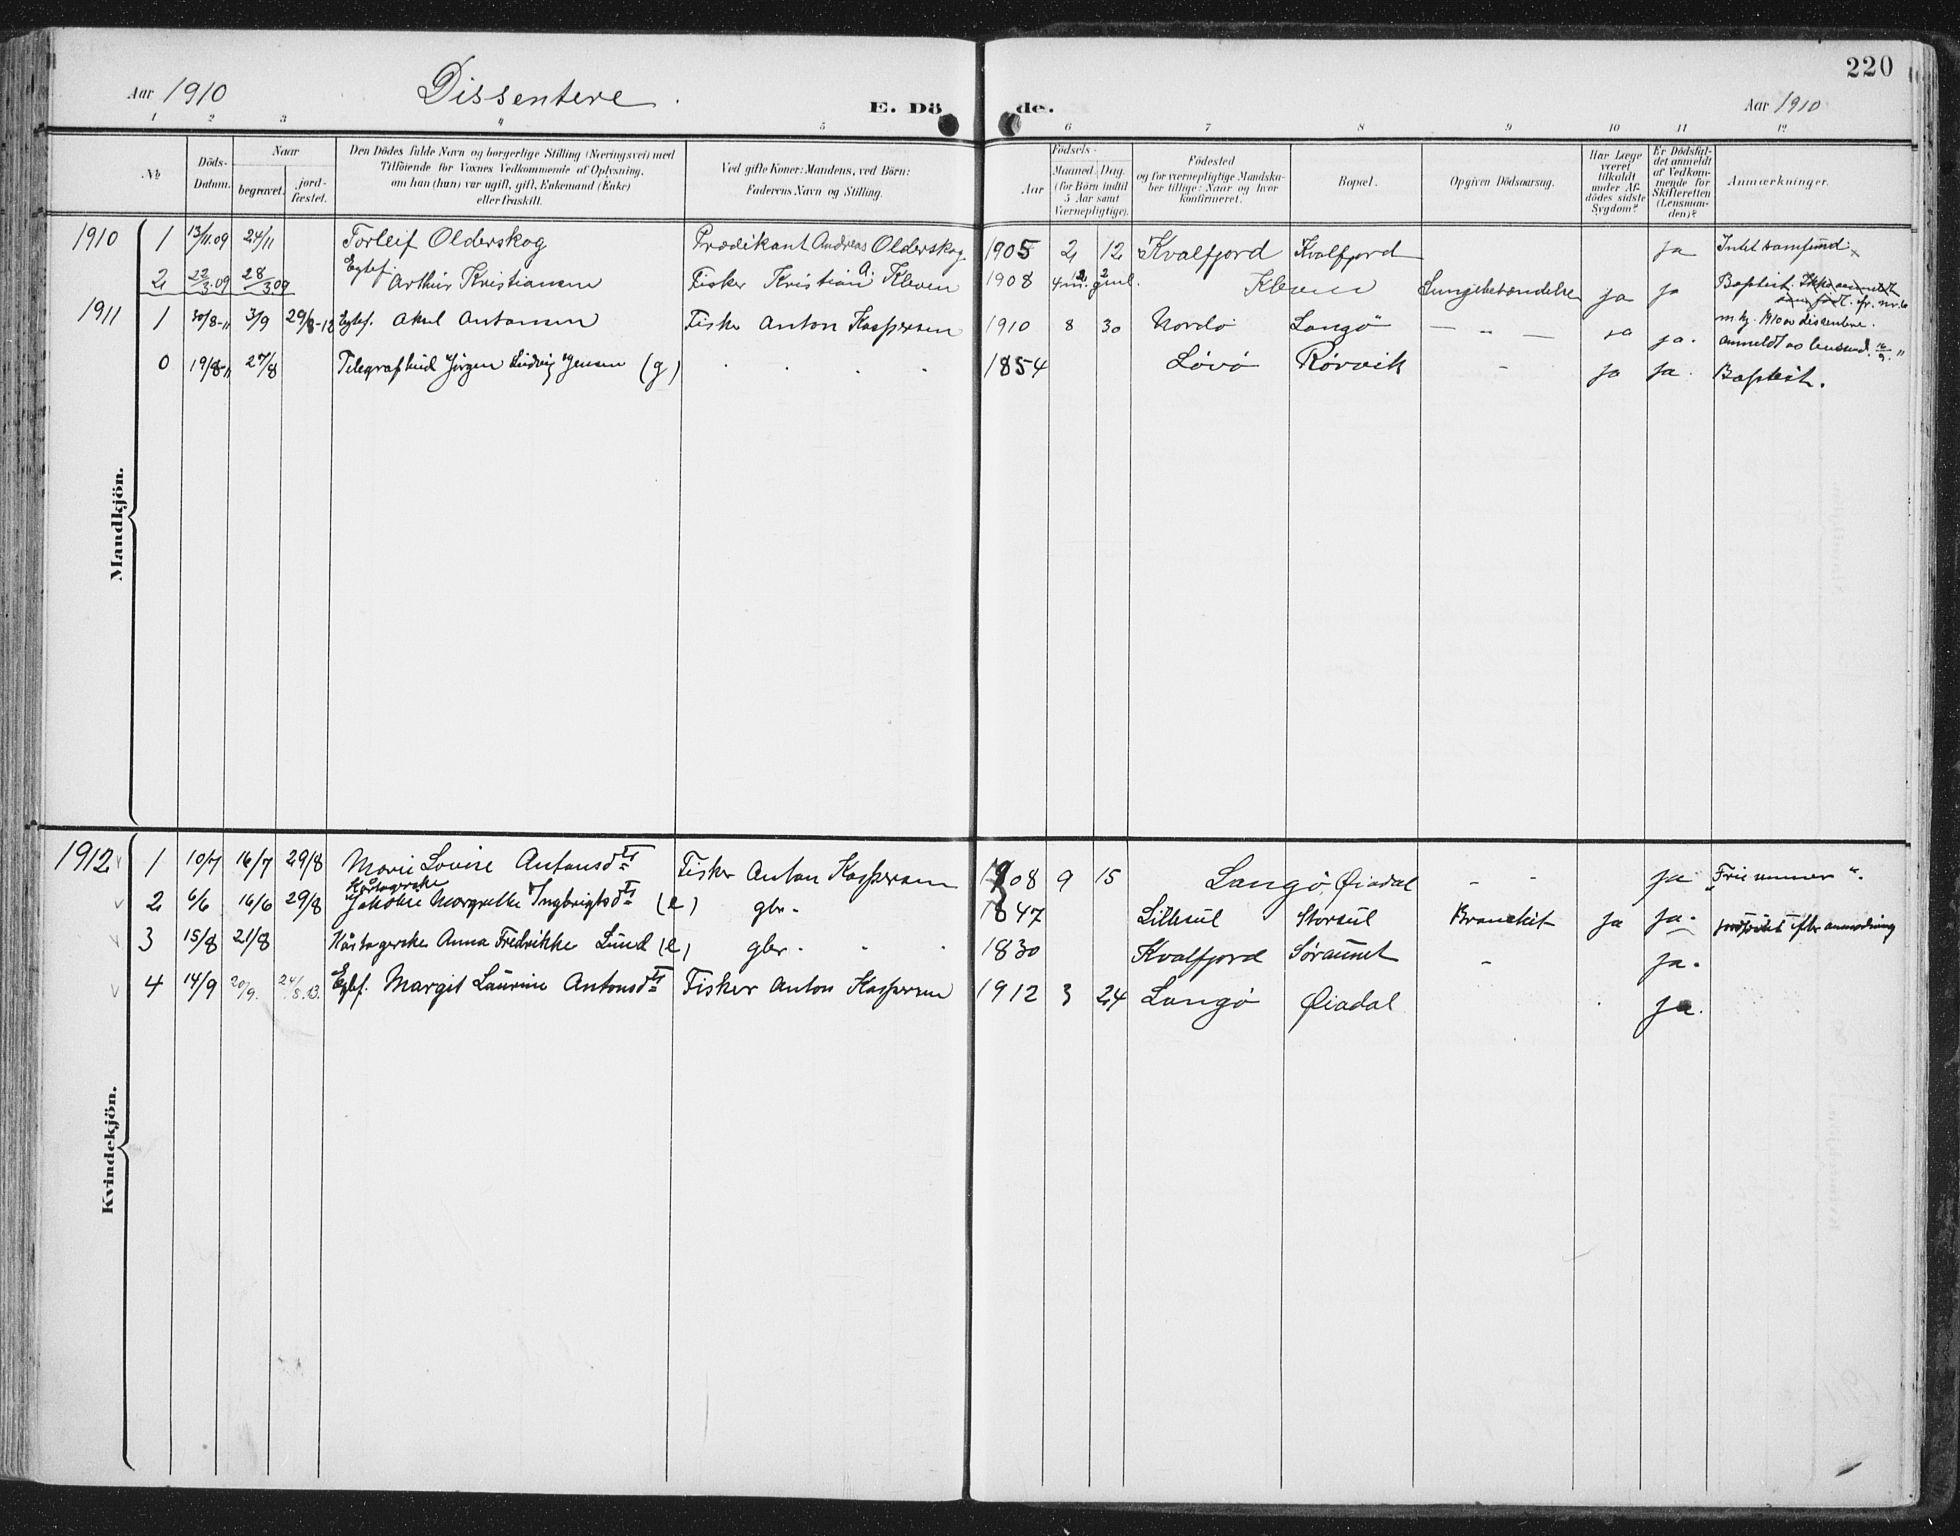 SAT, Ministerialprotokoller, klokkerbøker og fødselsregistre - Nord-Trøndelag, 786/L0688: Ministerialbok nr. 786A04, 1899-1912, s. 220